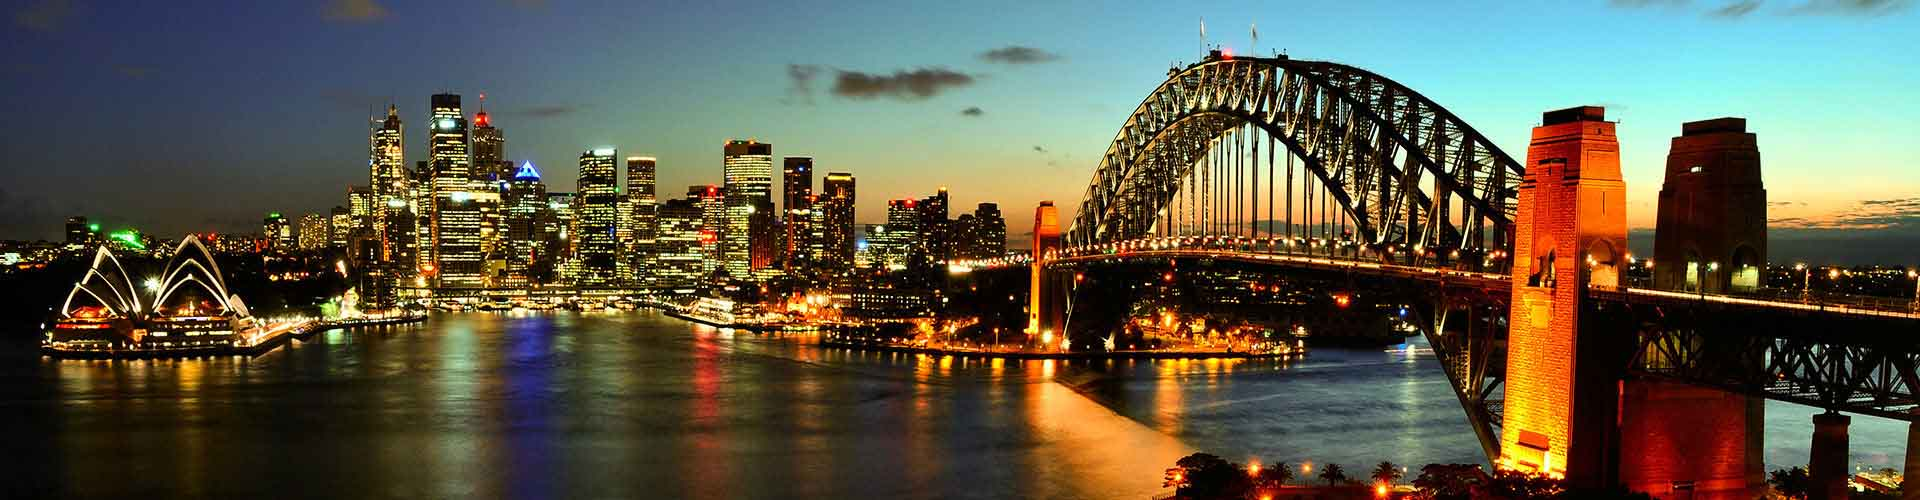 悉尼 – Darlinghurst区的露营地。悉尼地图,悉尼每个露营地的照片和评价。